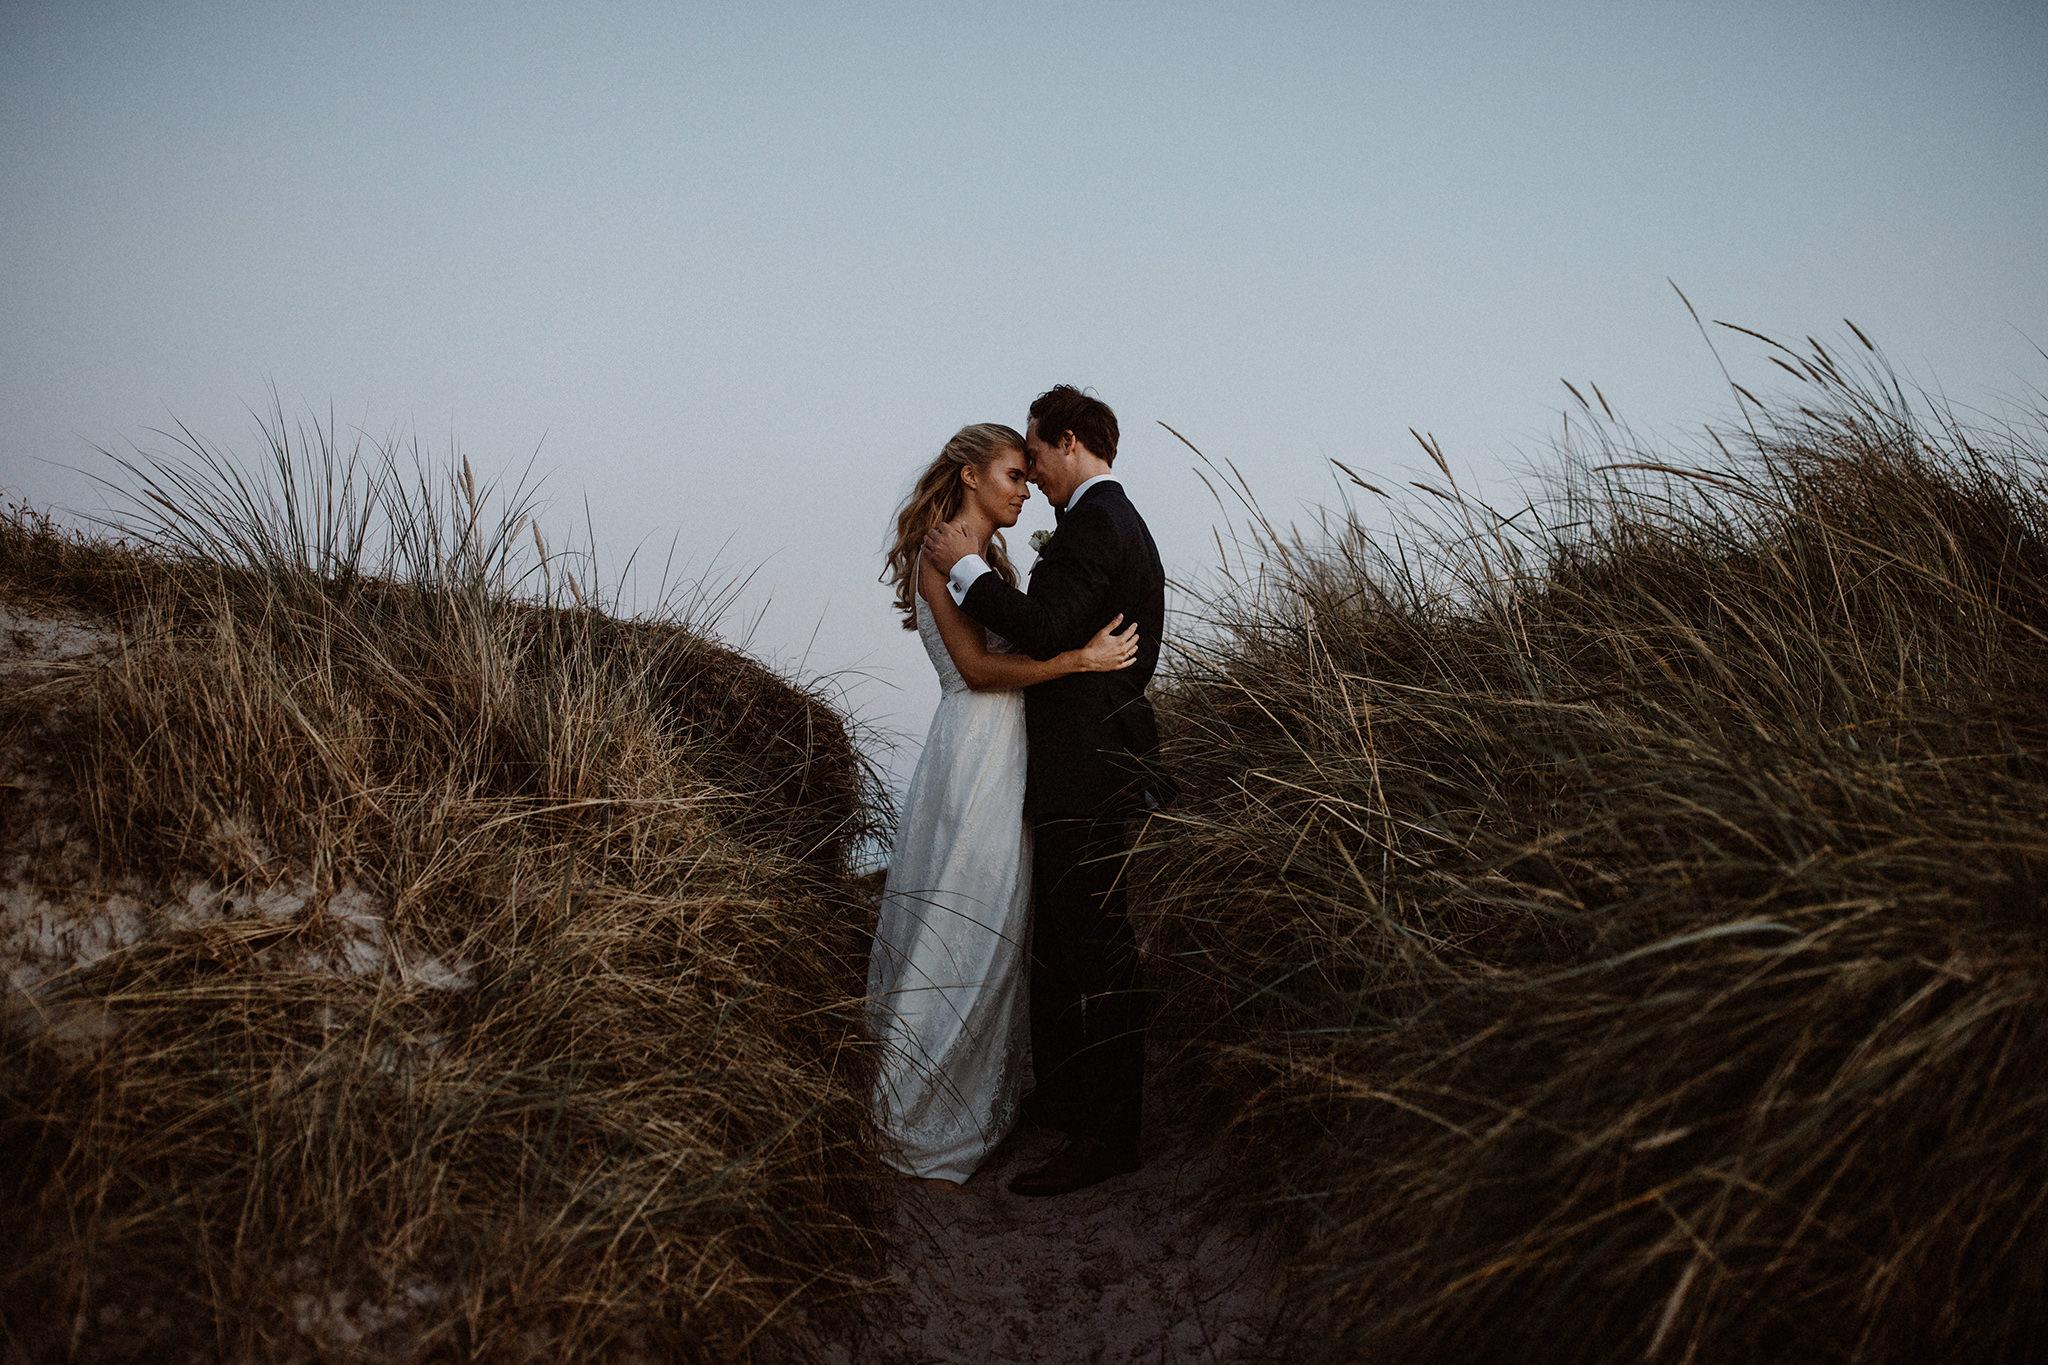 hochzeitsfotografie-kiel-norddeutschland-ostsee-afterwedding-38